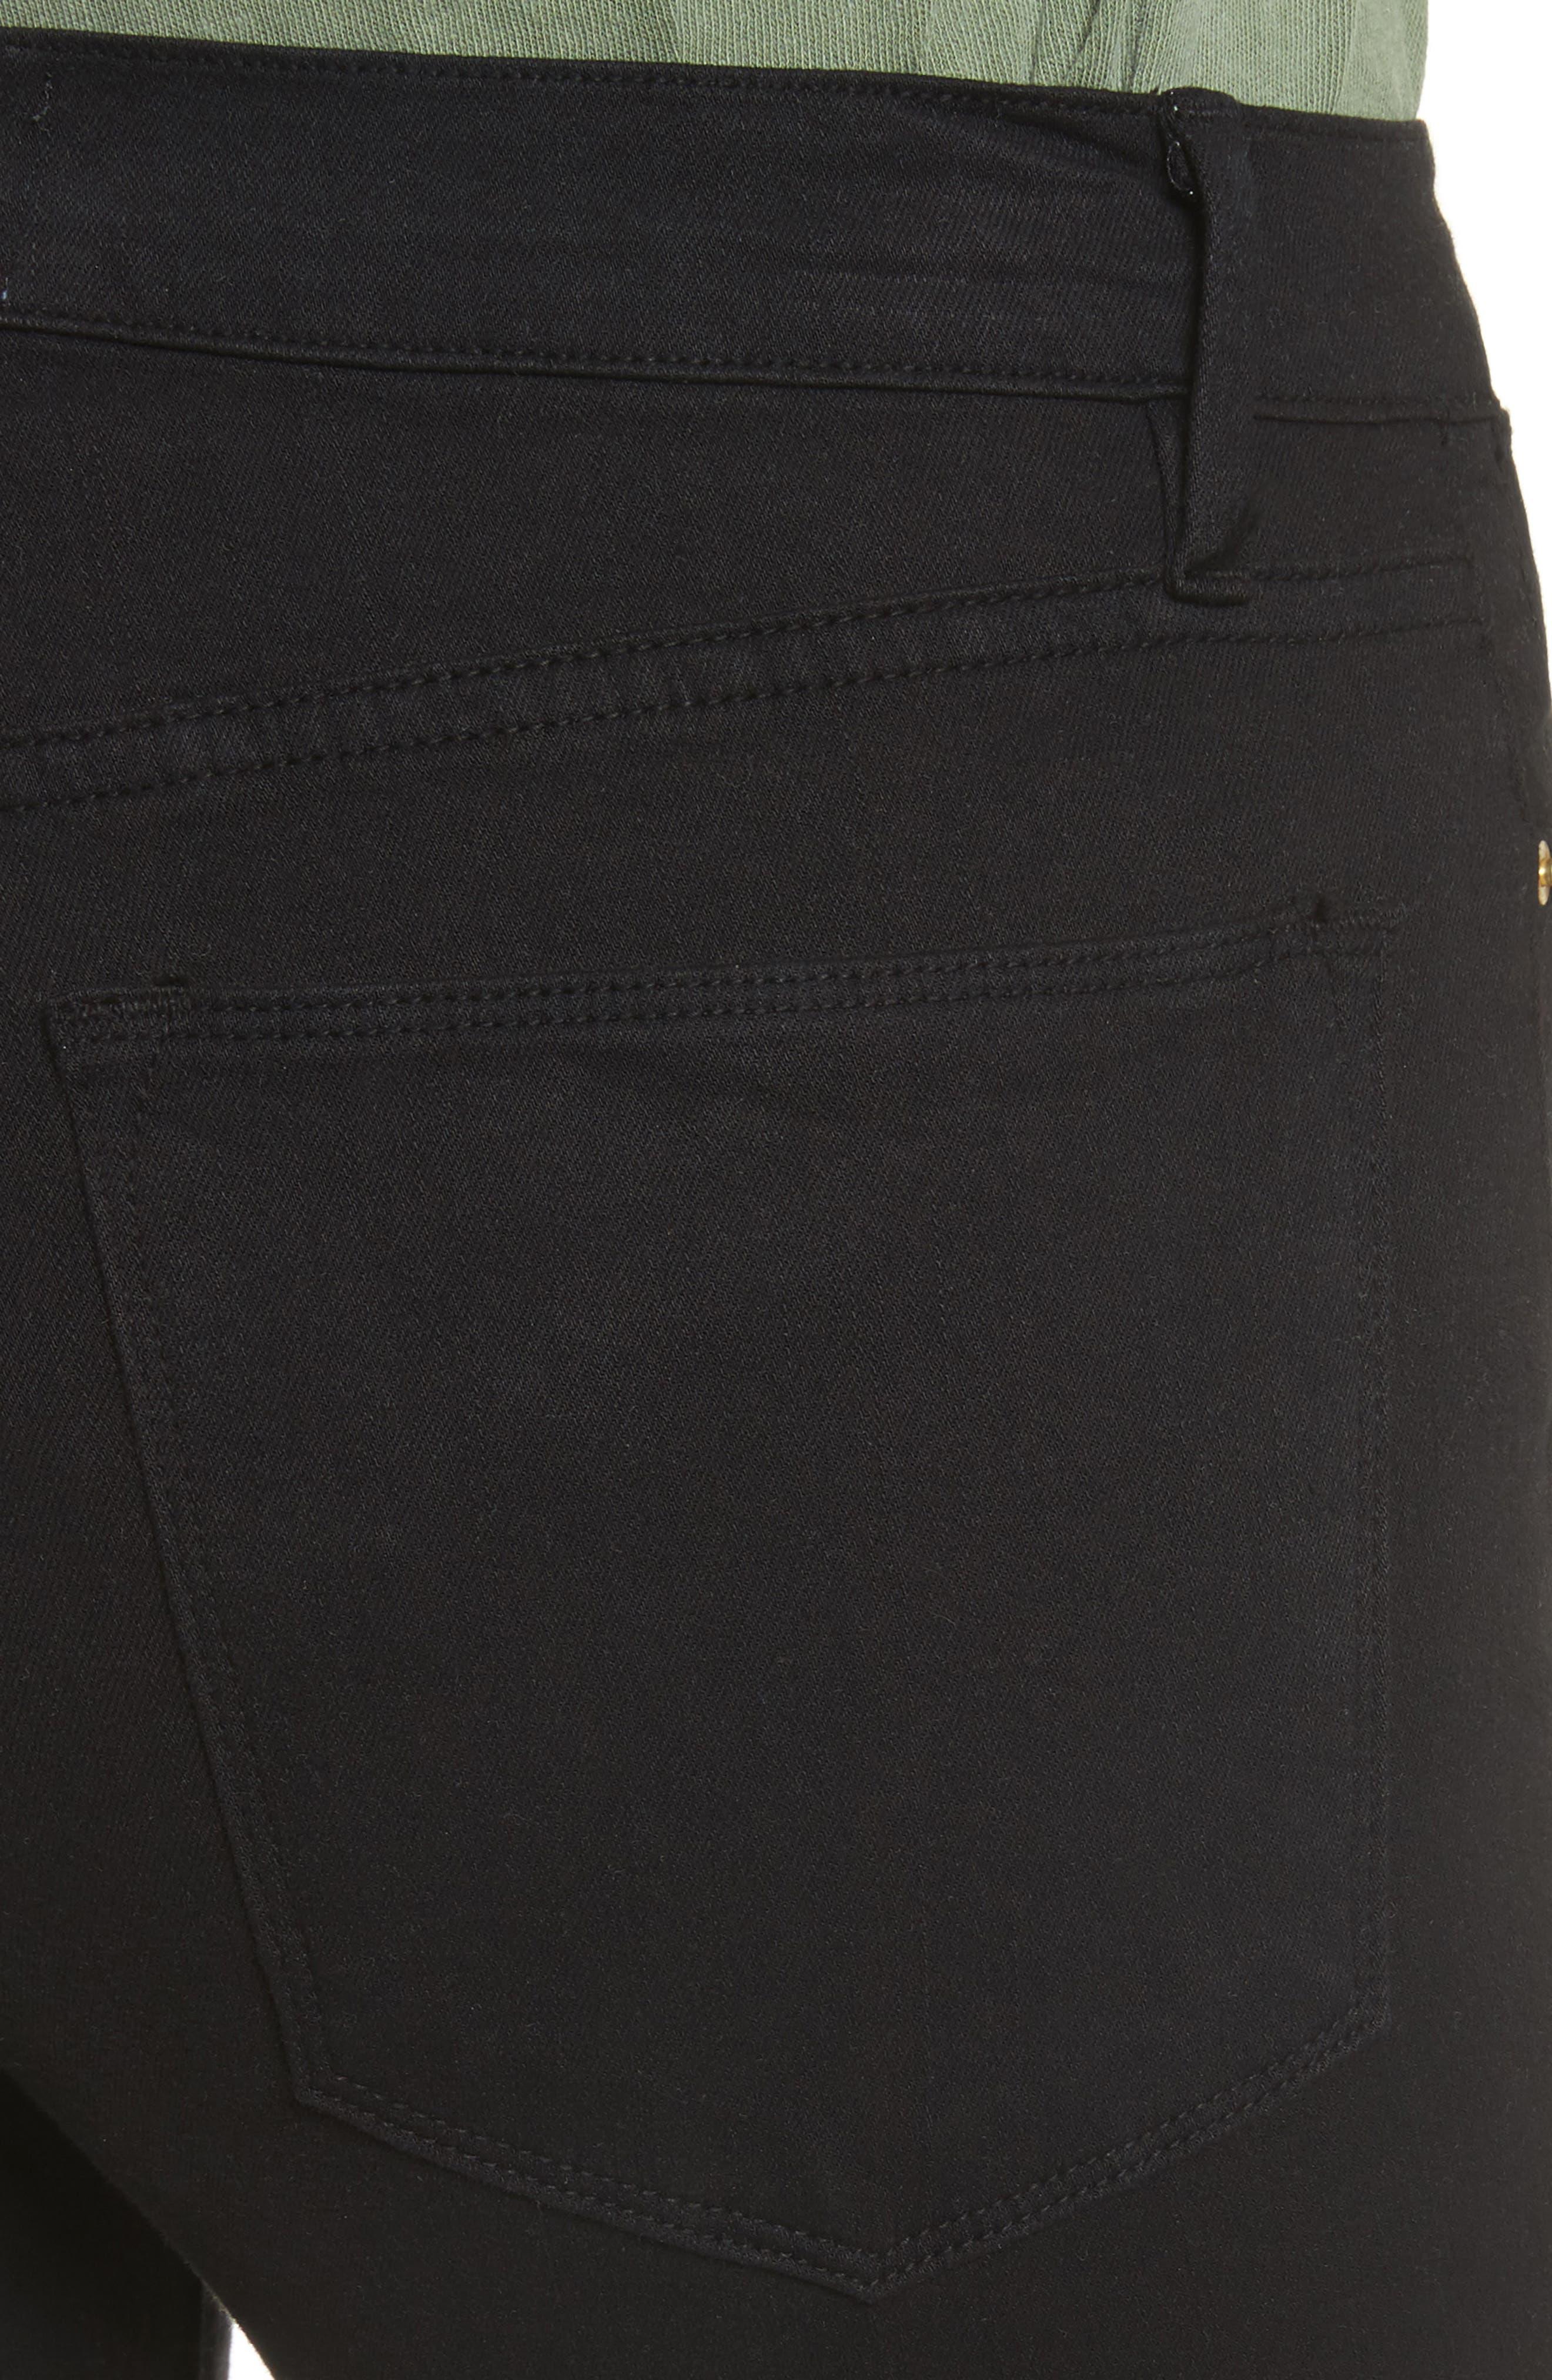 Alternate Image 4  - FRAME Le High Shredded Skinny Jeans (Film Noir)